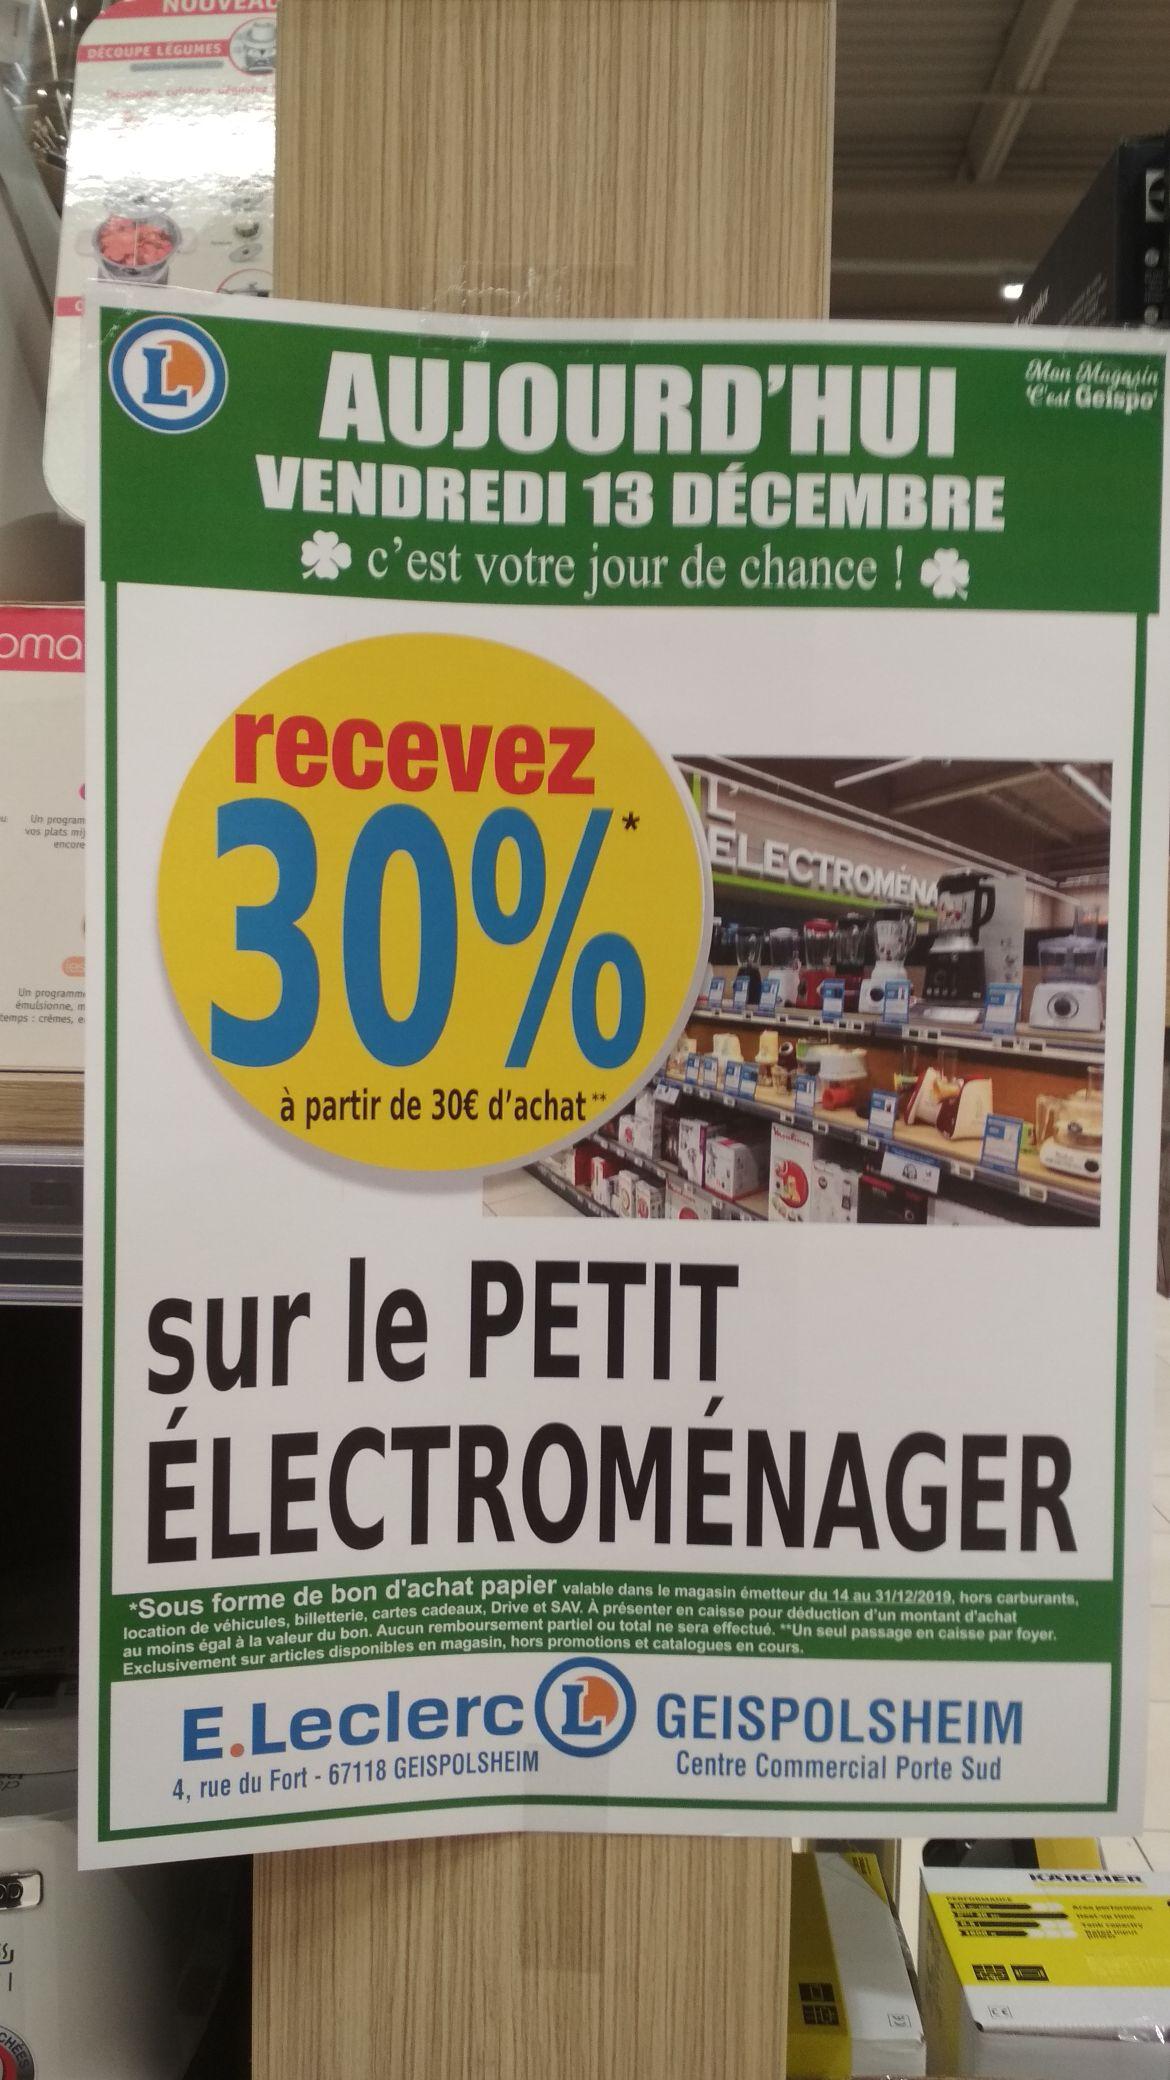 30% remboursés en bons d'achat dès 30€ d'achat sur le petit électroménager - Geispolsheim (67)